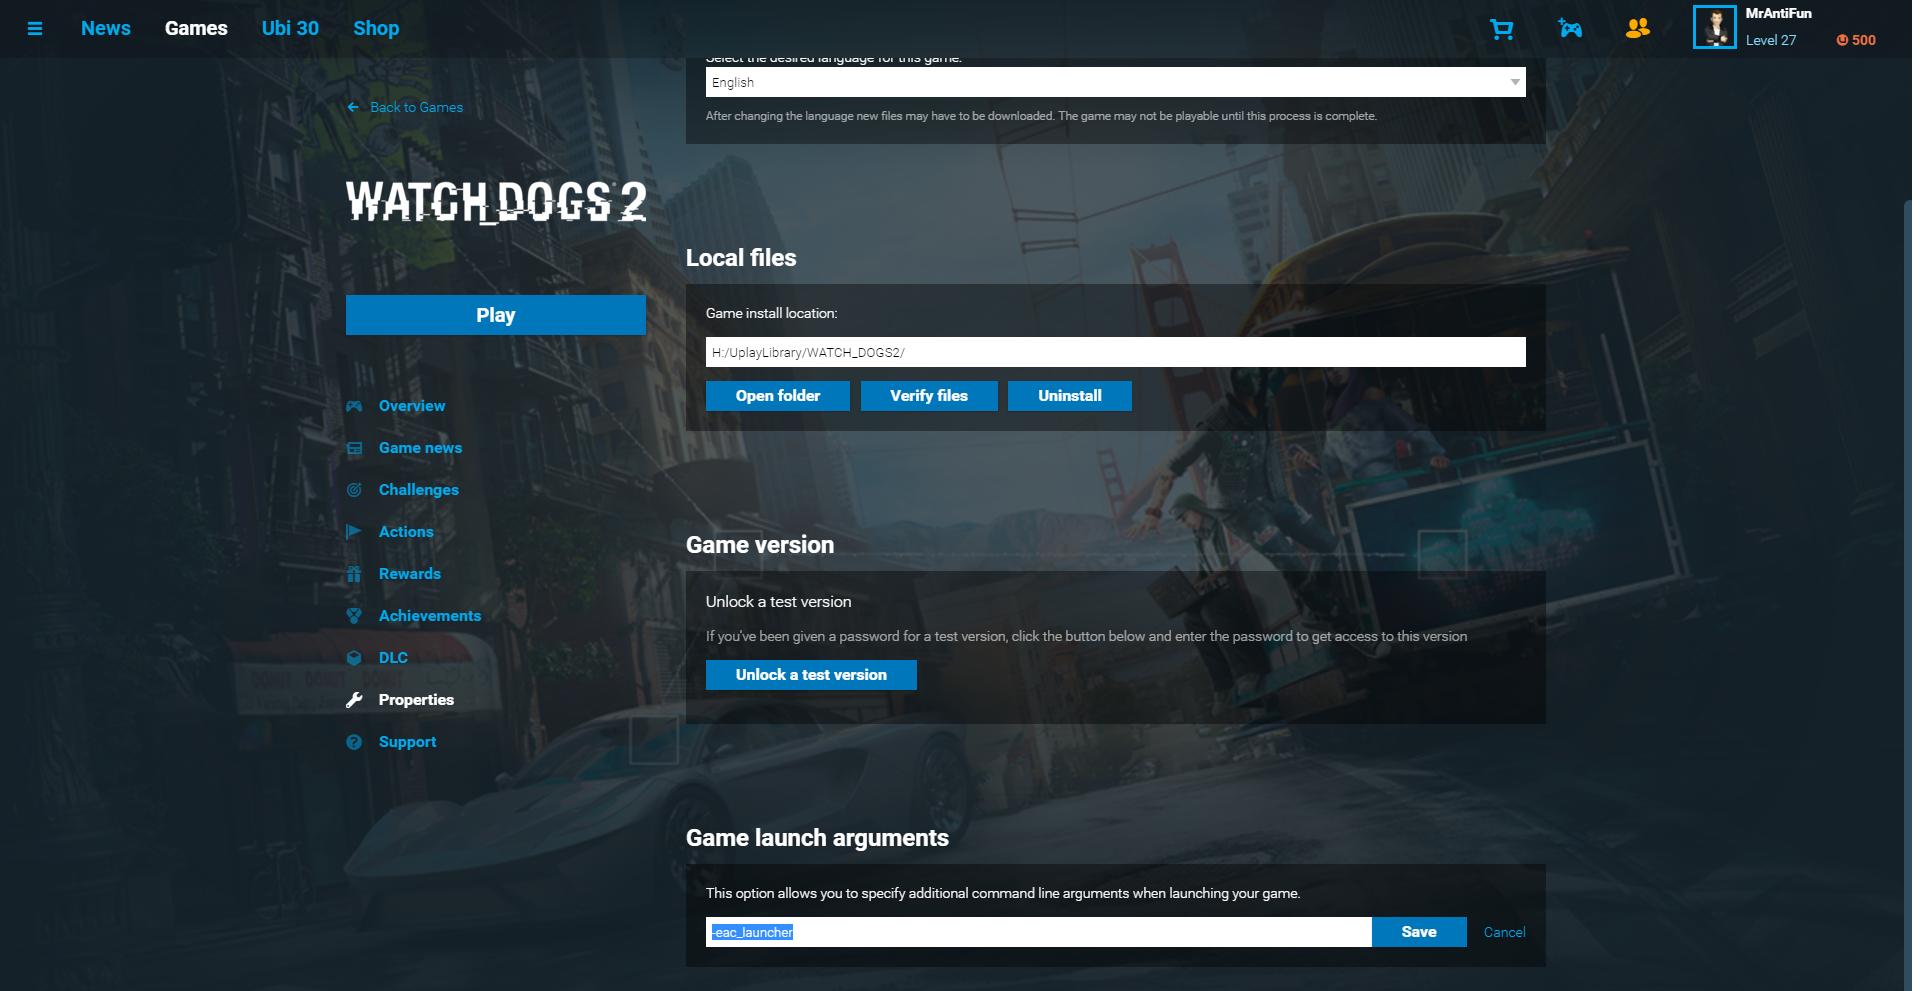 инструкция к проге cheat engine как копировать вещи в онлайн играх